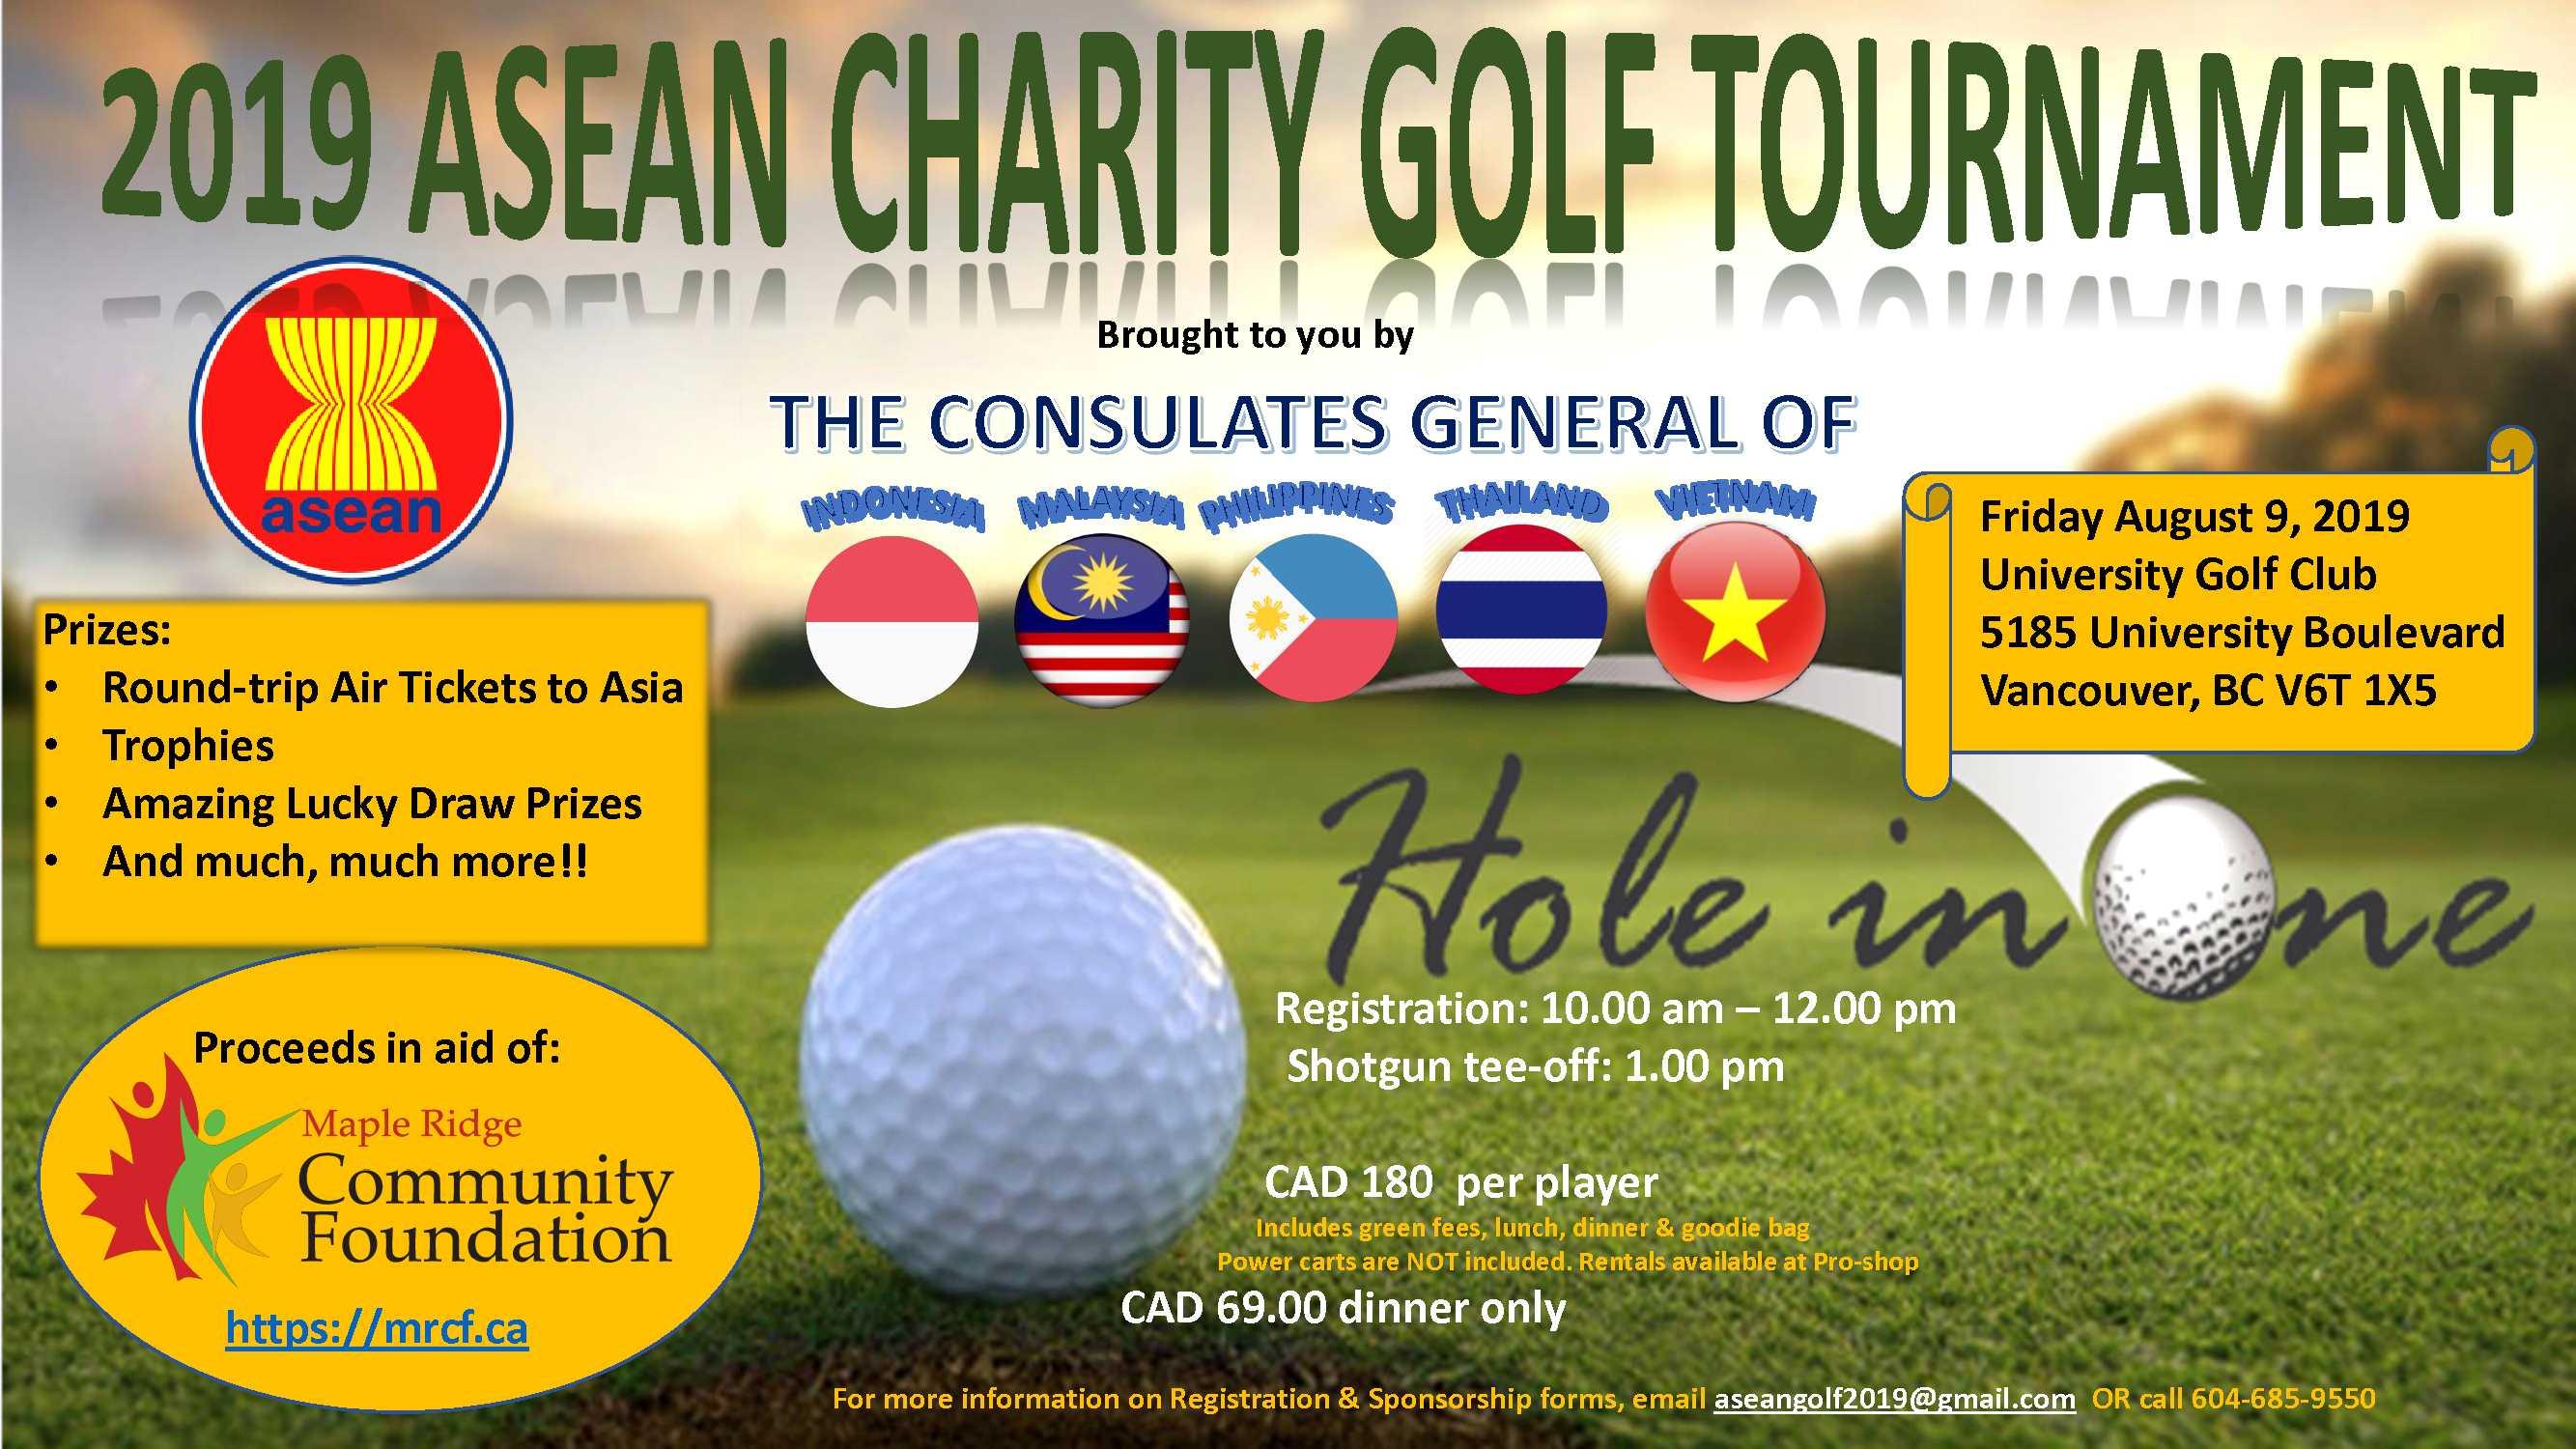 2019 ASEAN Charity Golf Tournament, Friday August 9 | Royal Thai